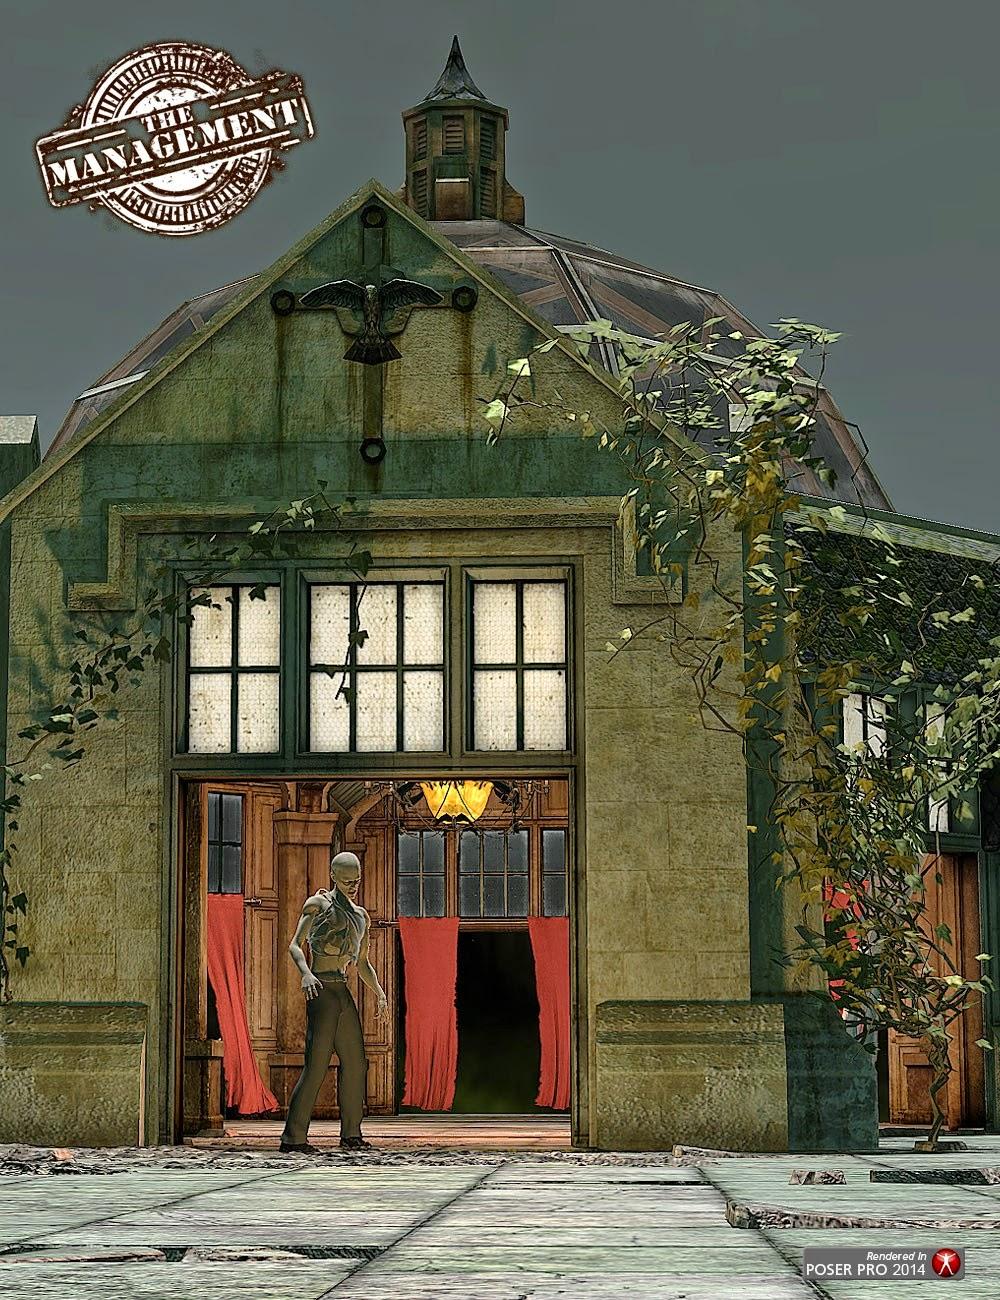 3d Exterior House Designs: Download DAZ Studio 3 For FREE!: DAZ 3D